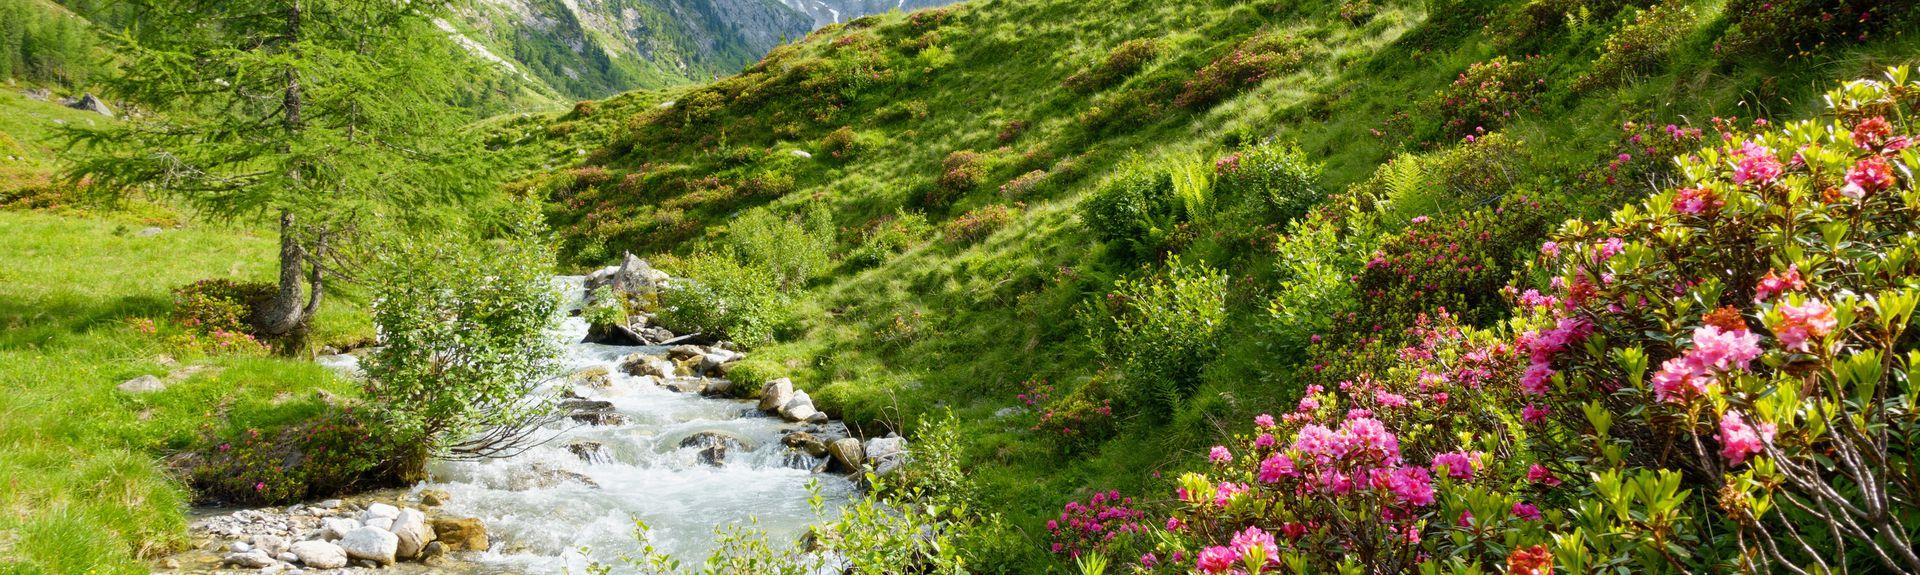 Mayrhofen, Tiroli, Itävalta